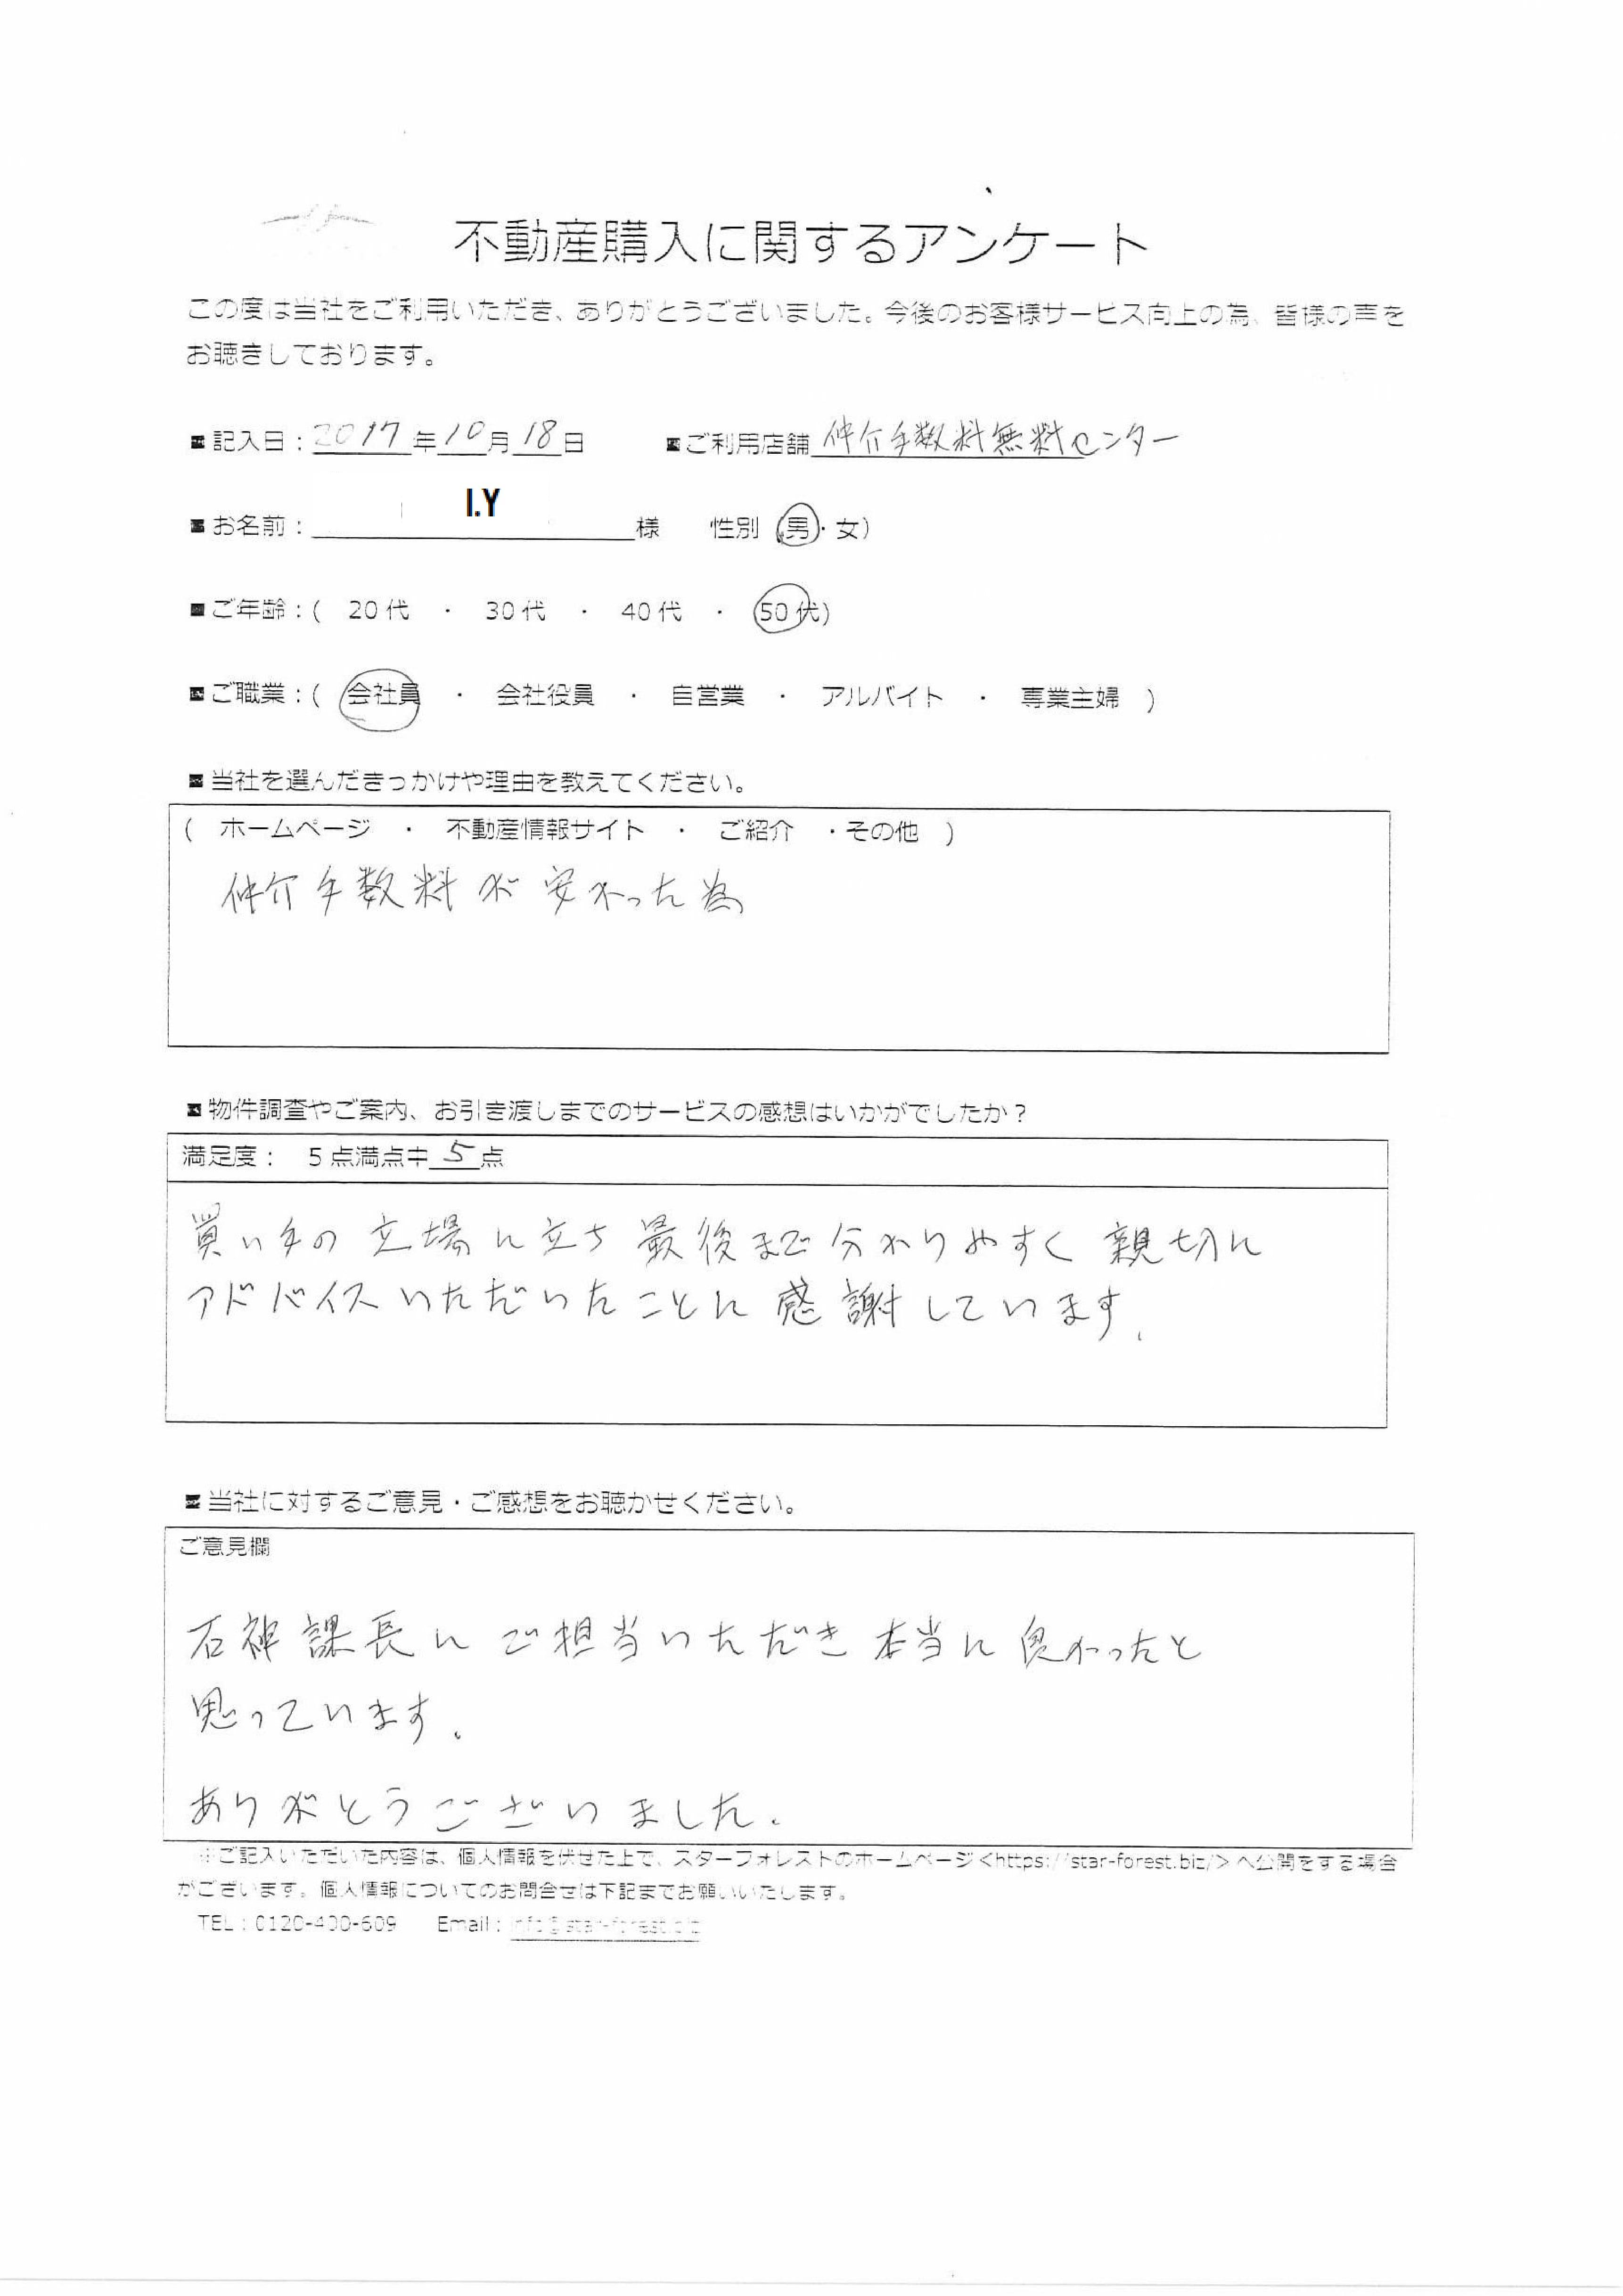 泉川様-1-1